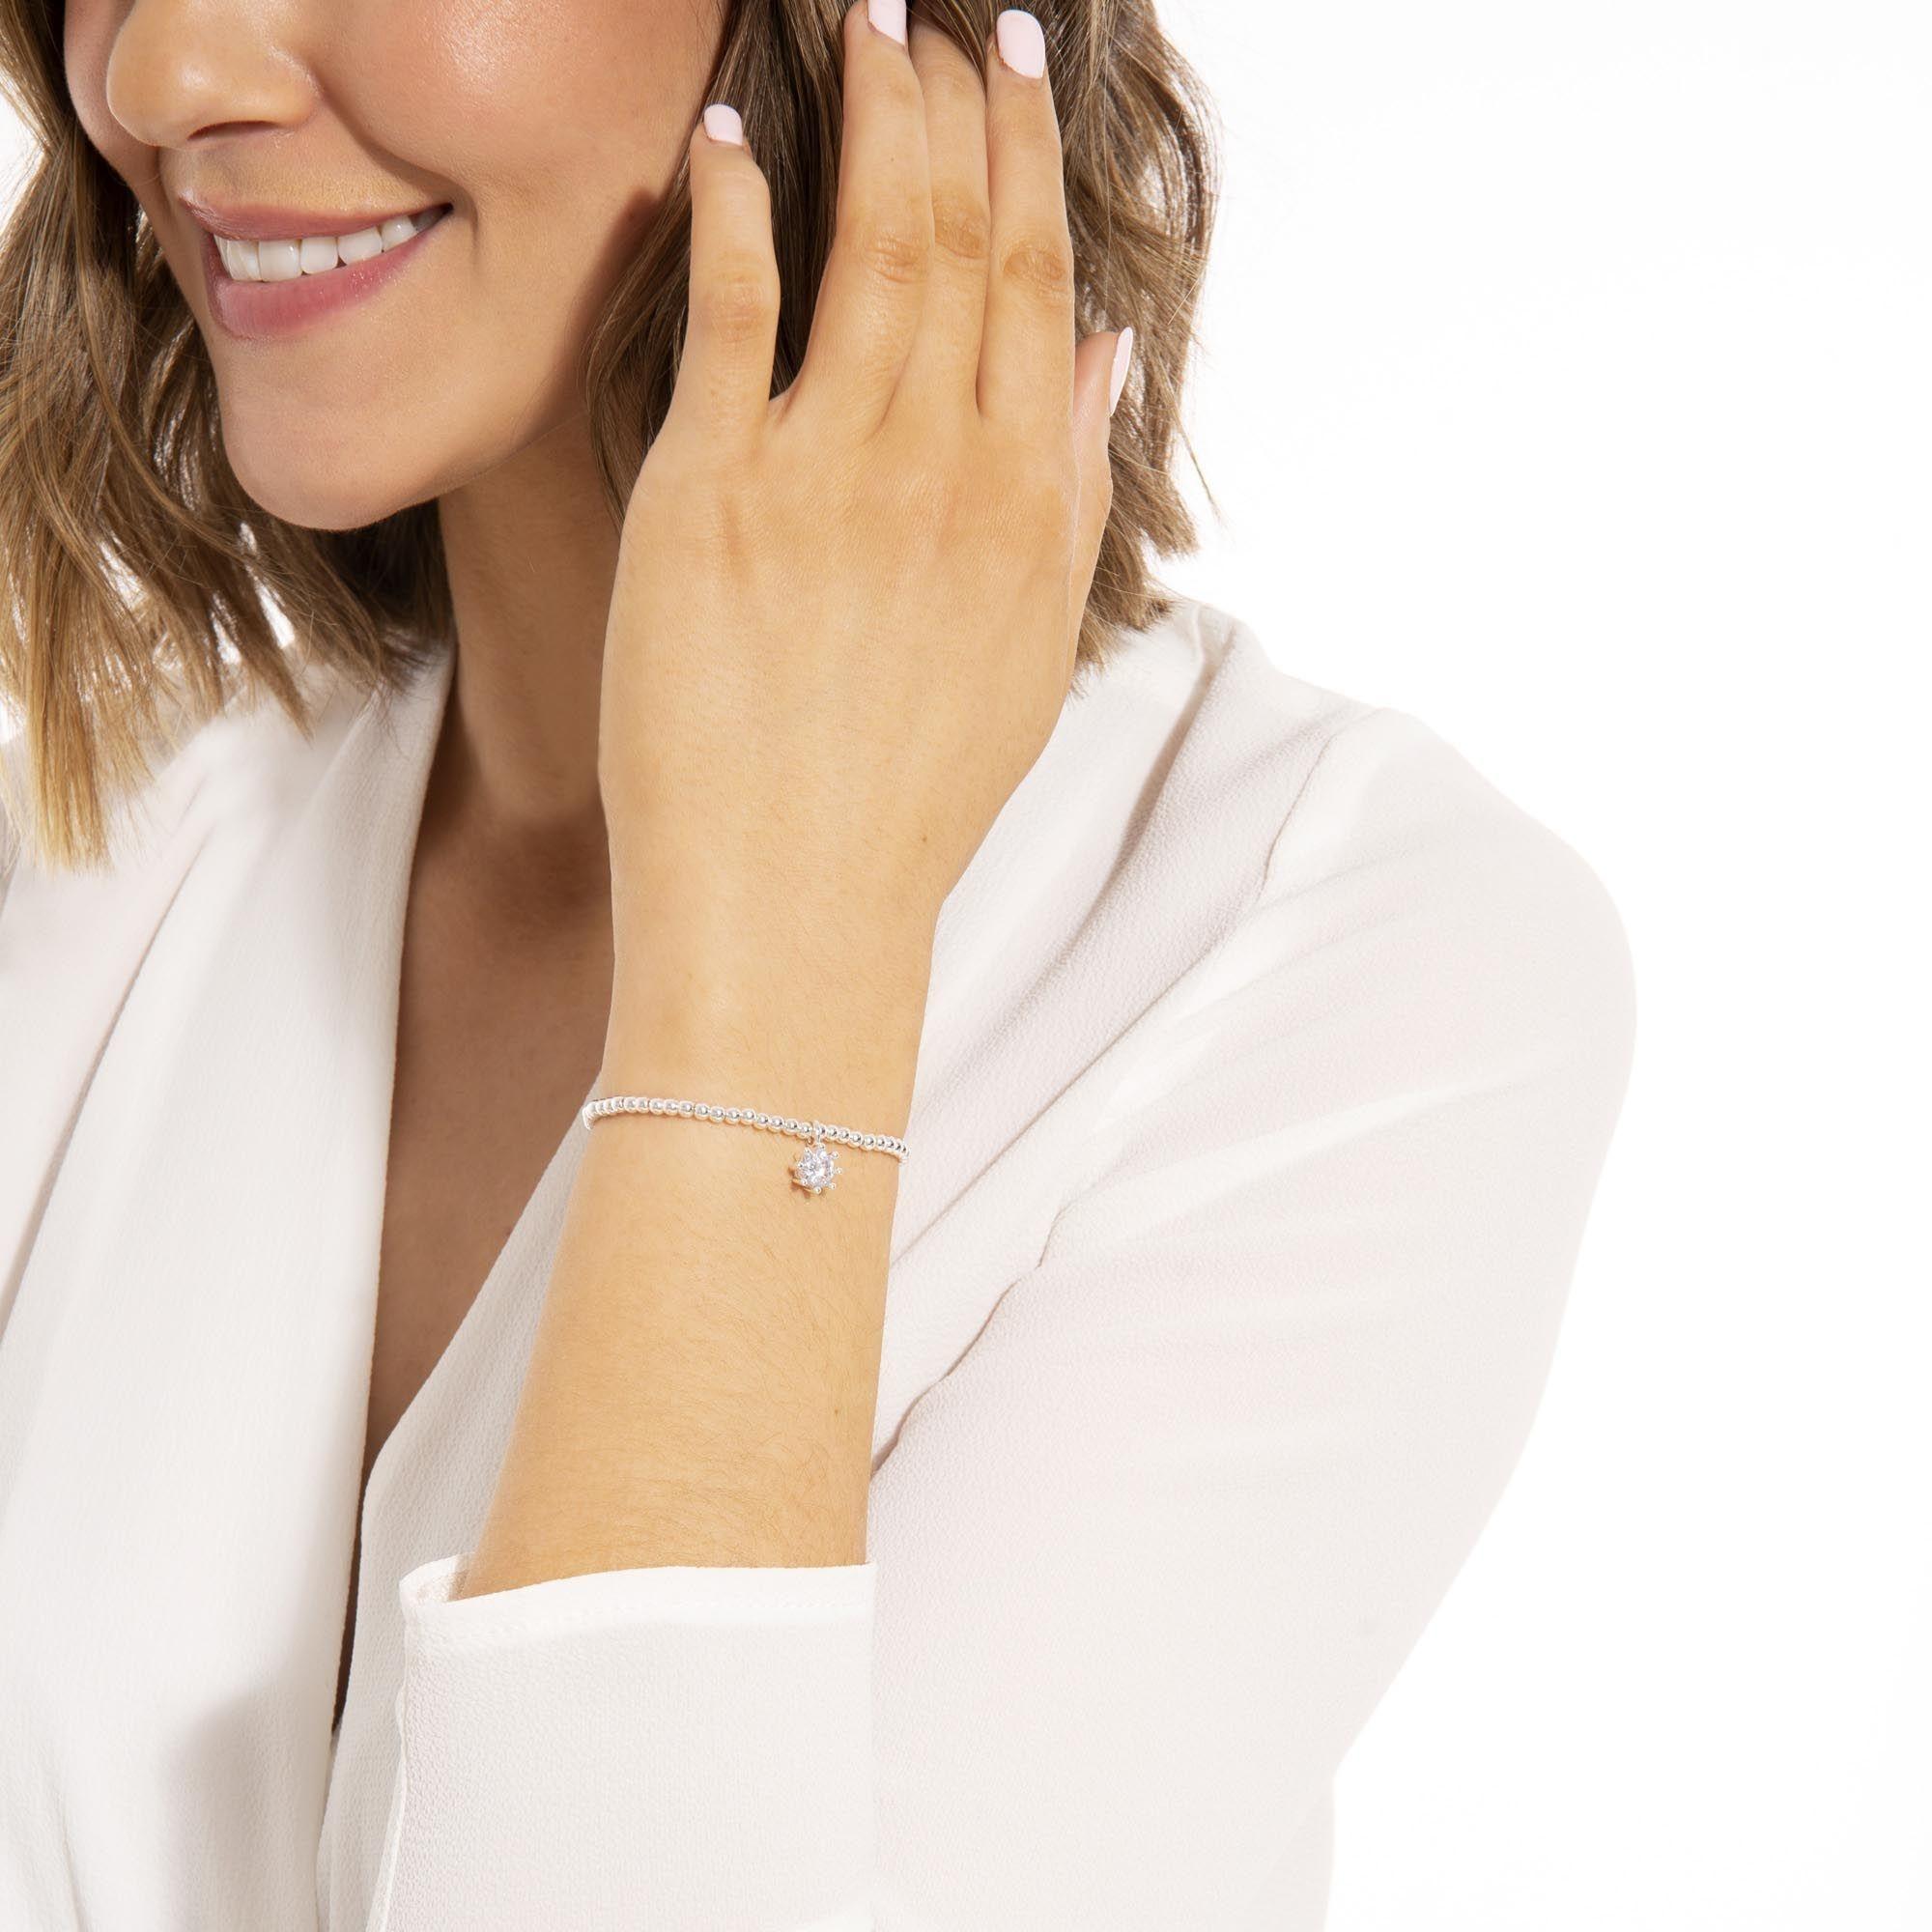 Joma Jewellery A Little - Sparkle